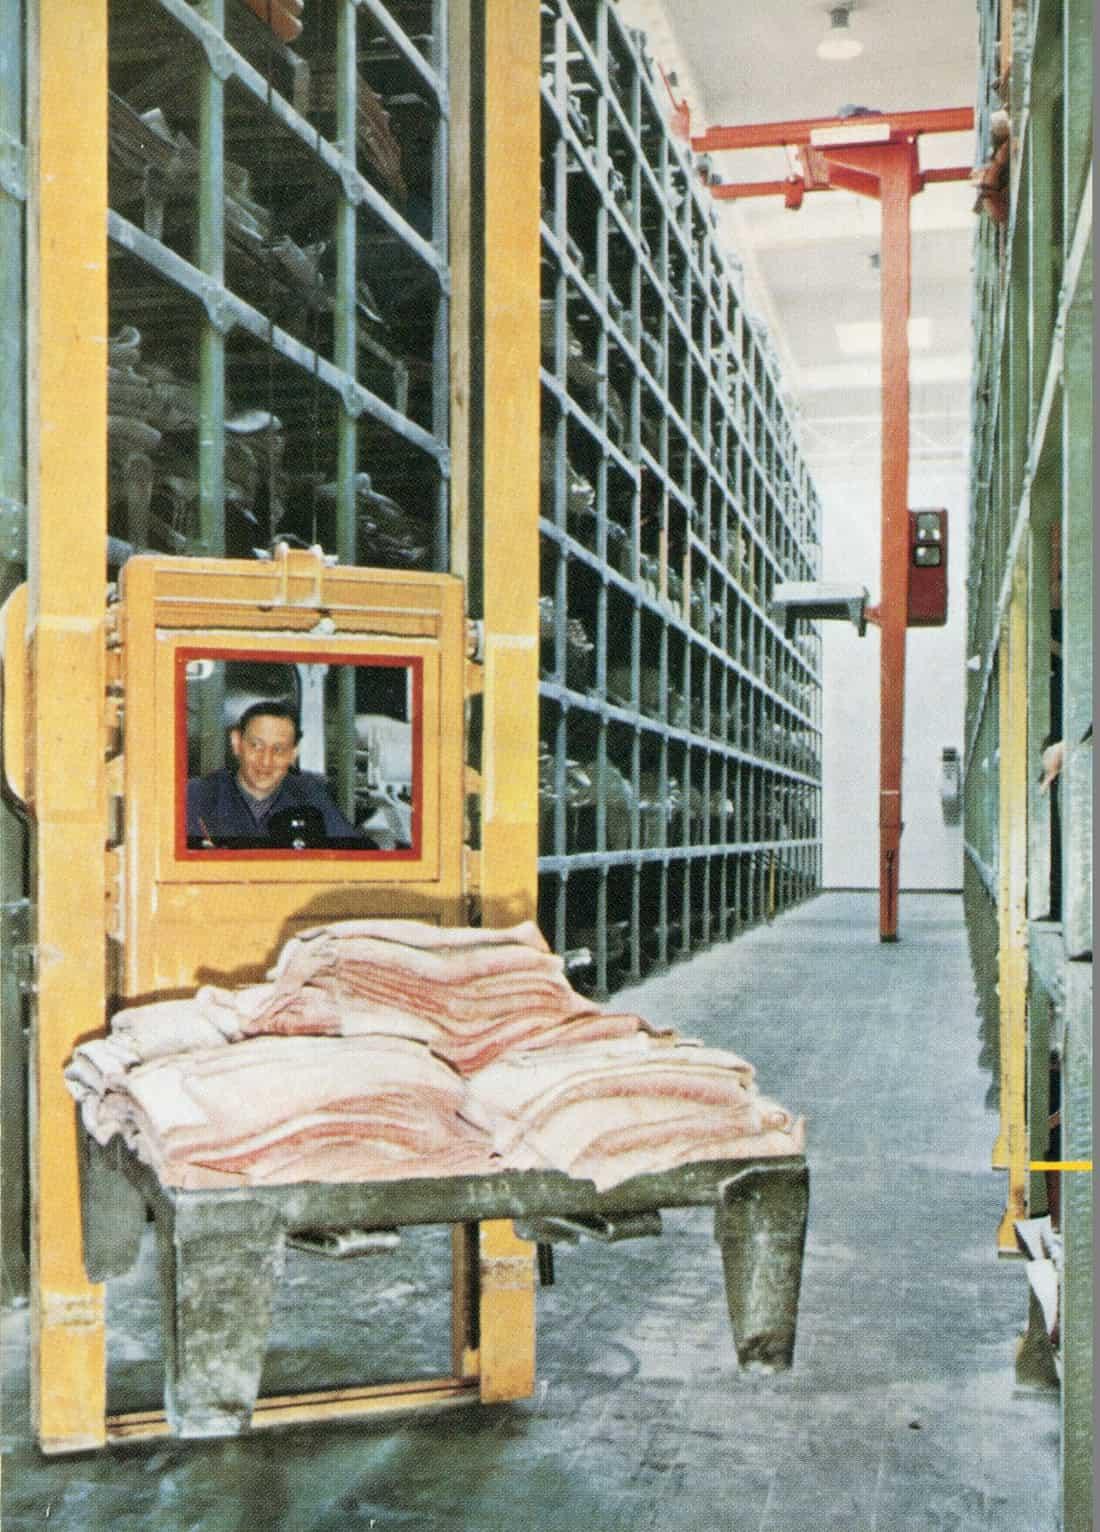 Ein Blick ins Conti-Werk auf einem Archiv-Foto.